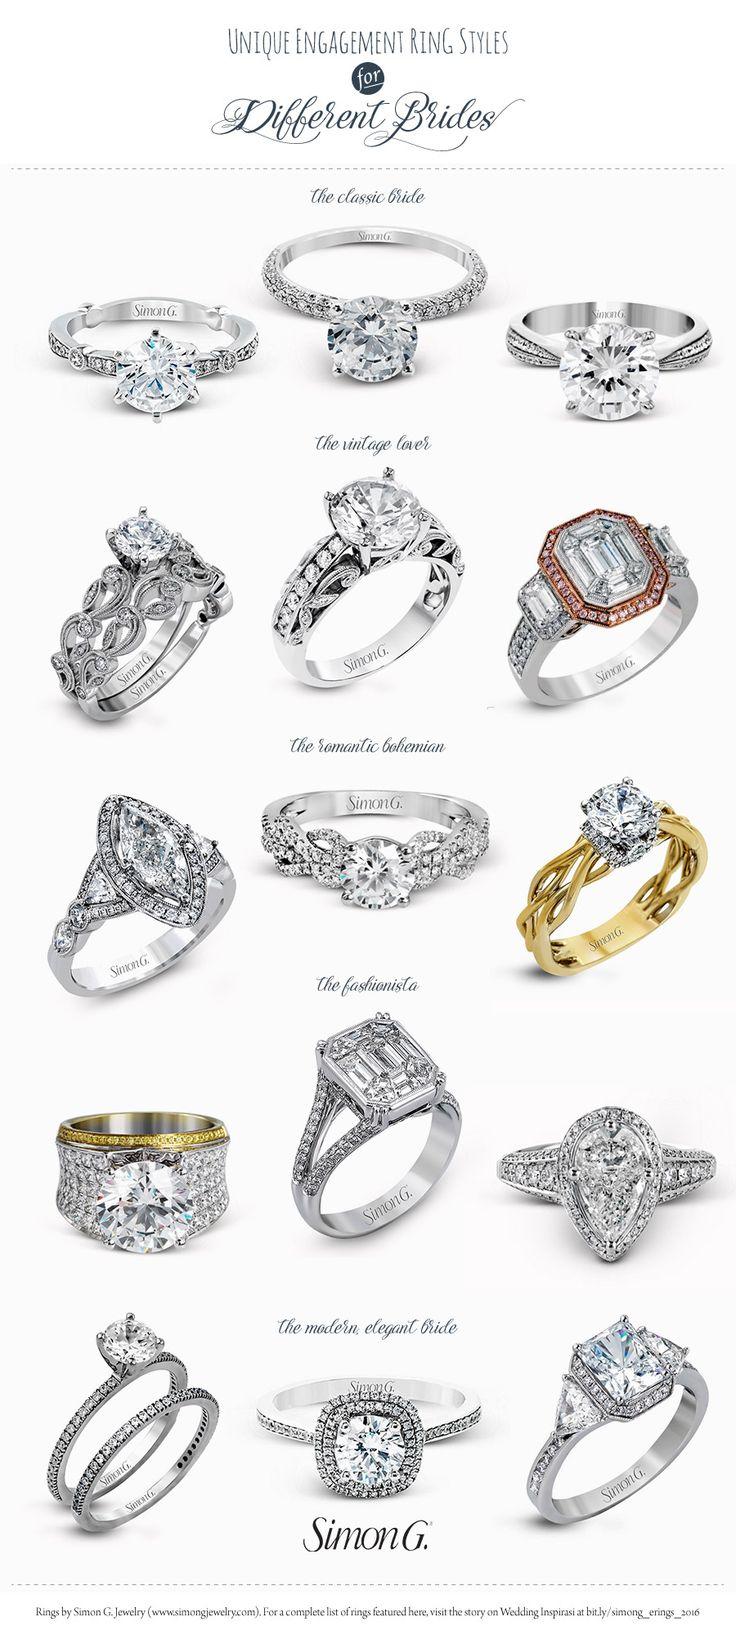 více než 25 nejlepších nápadů na pinterestu na téma simon g jewelry